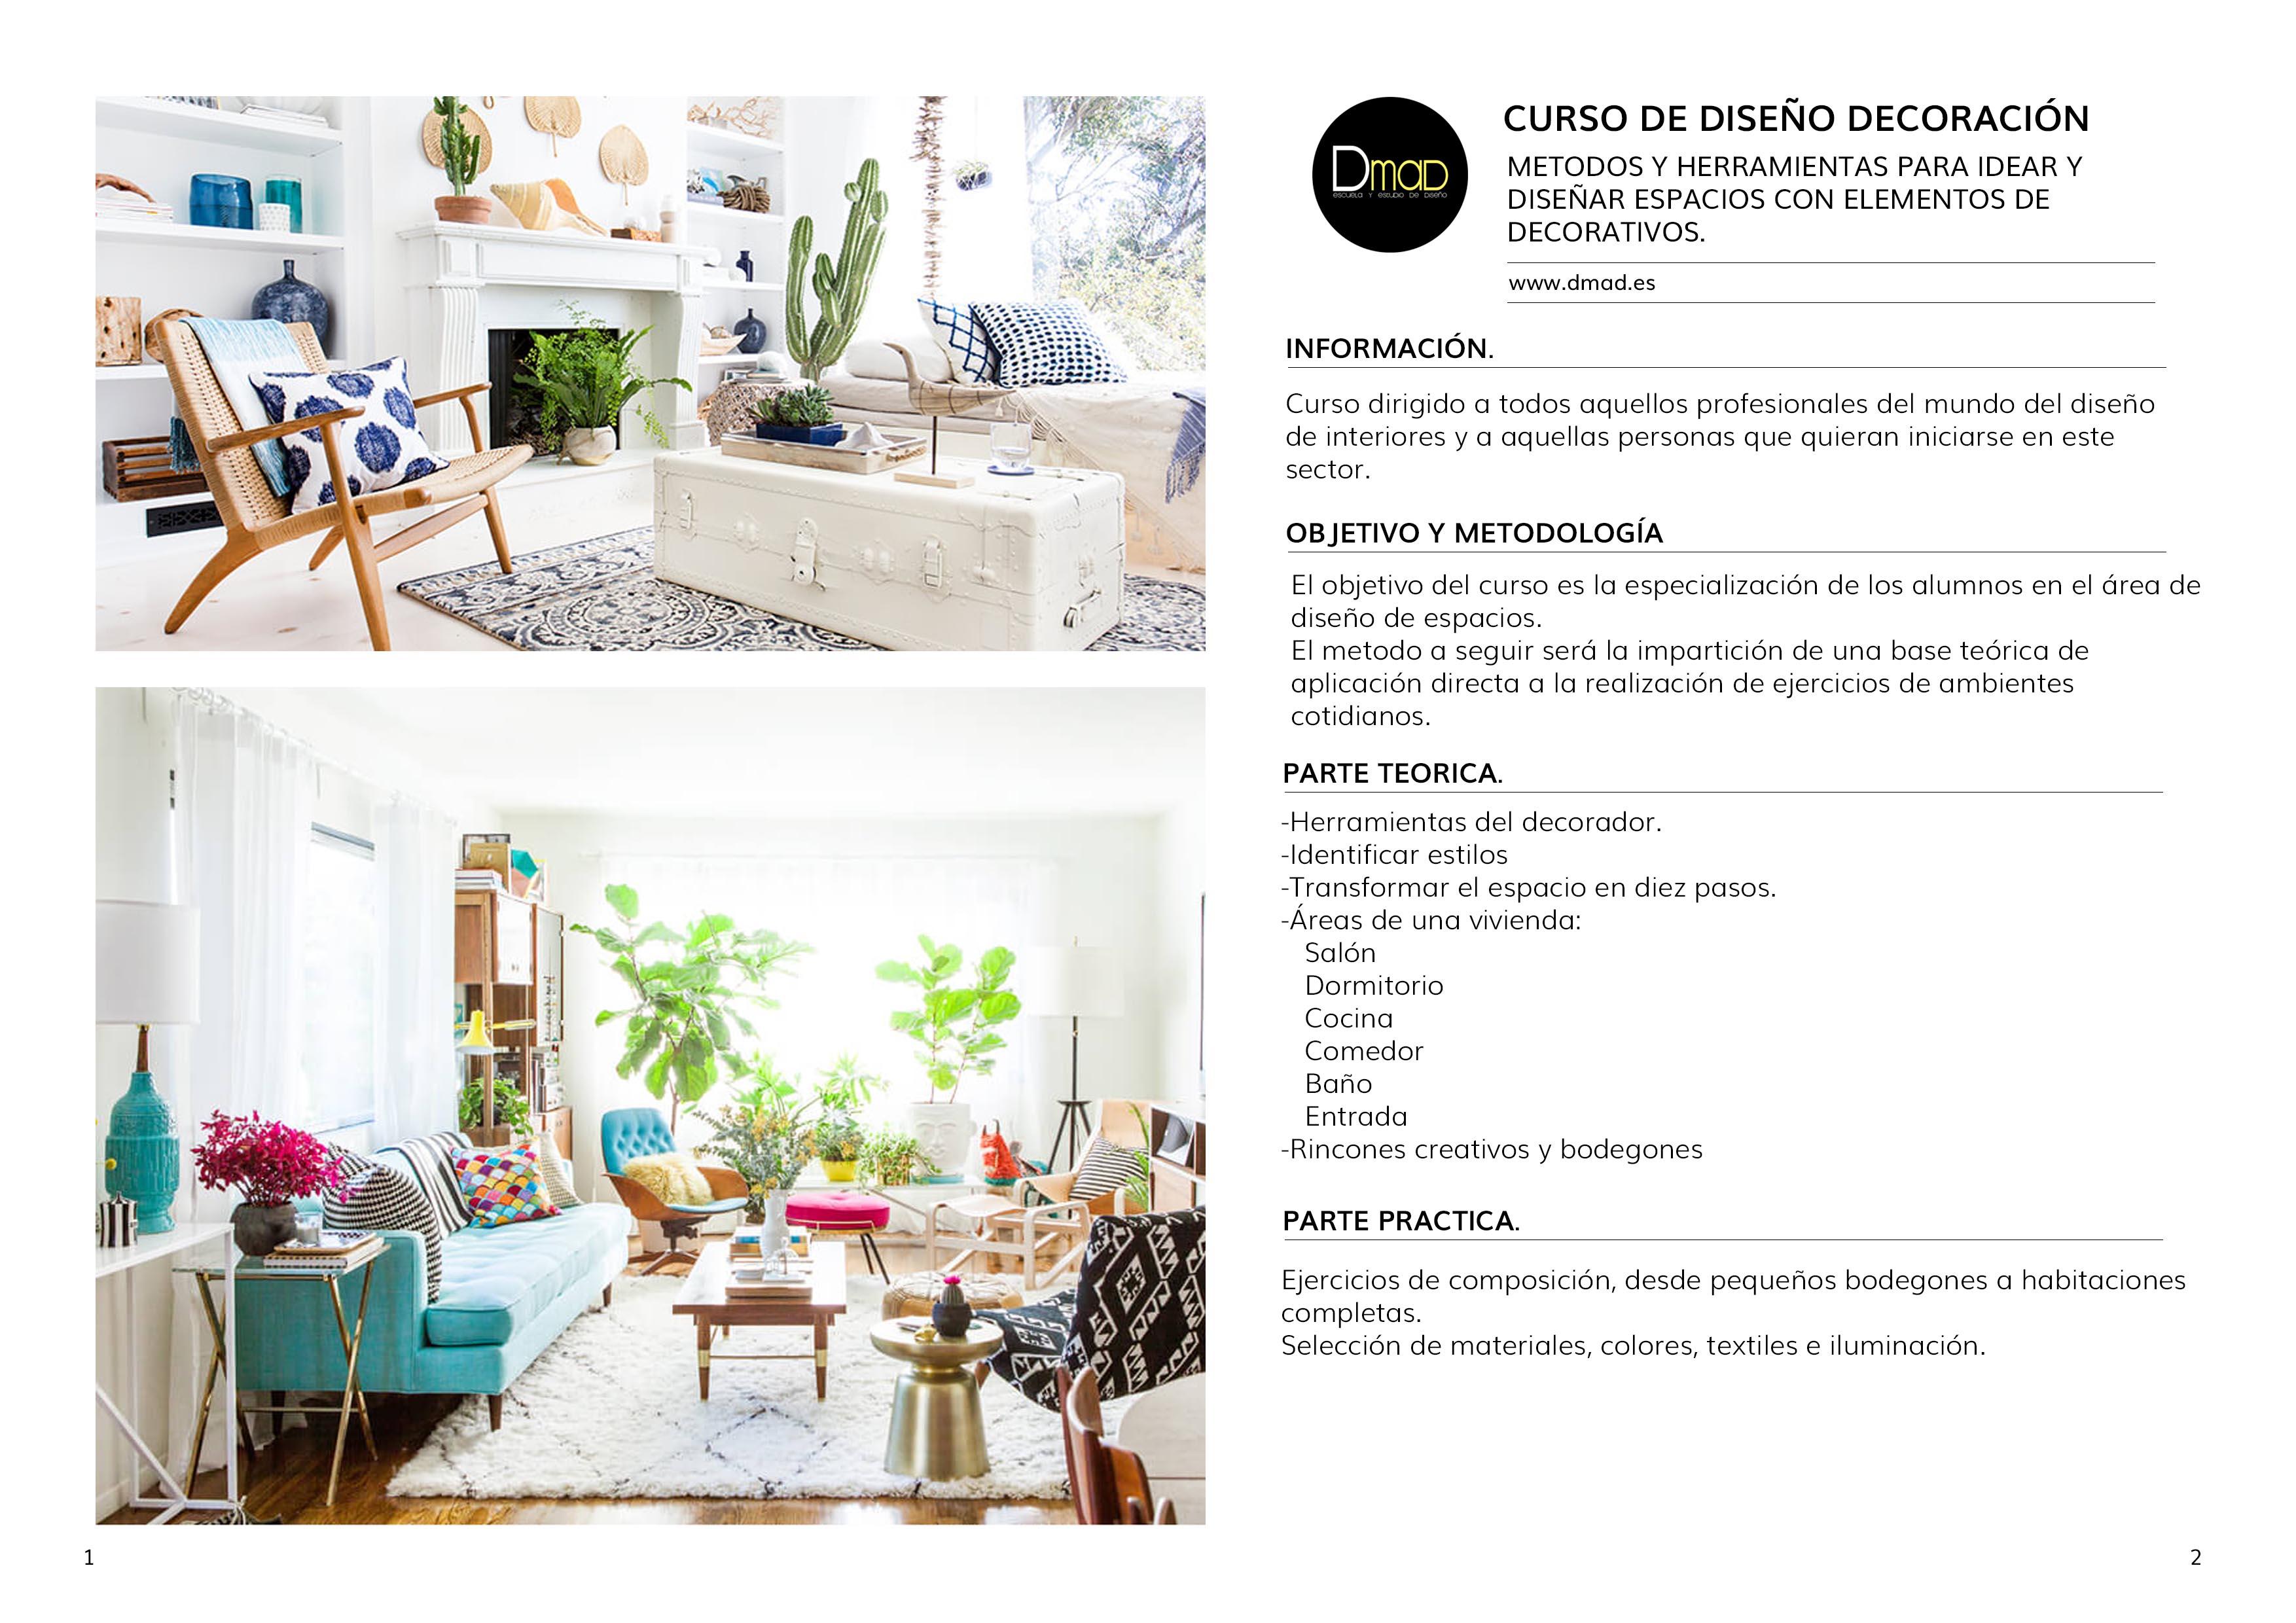 Disear dormitorio disear una habitacin infantil neutra for Programas de decoracion online